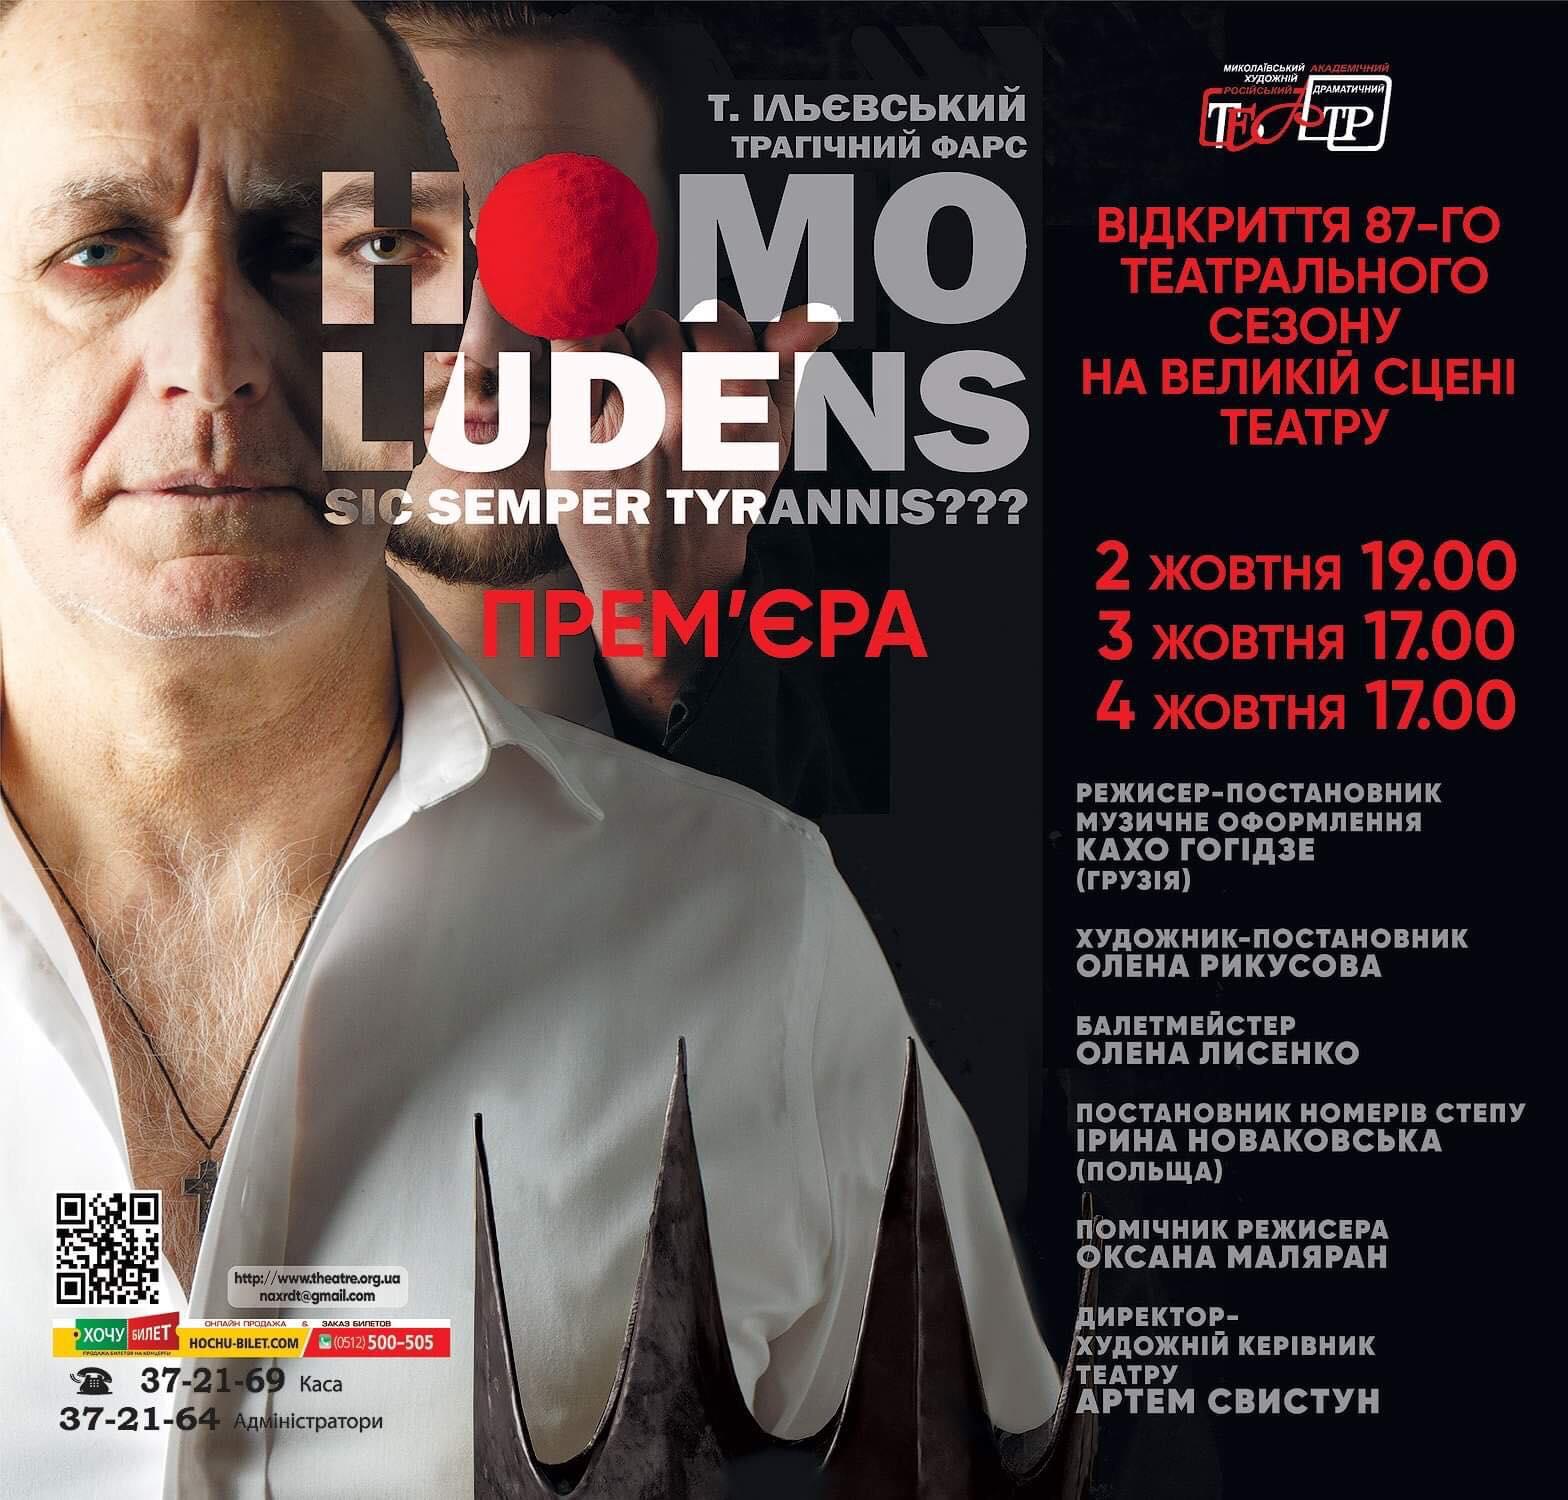 Choreografia do spektaklu Homo Ludens w Teatrze Dramatycznym, Mikolajev Ukraina